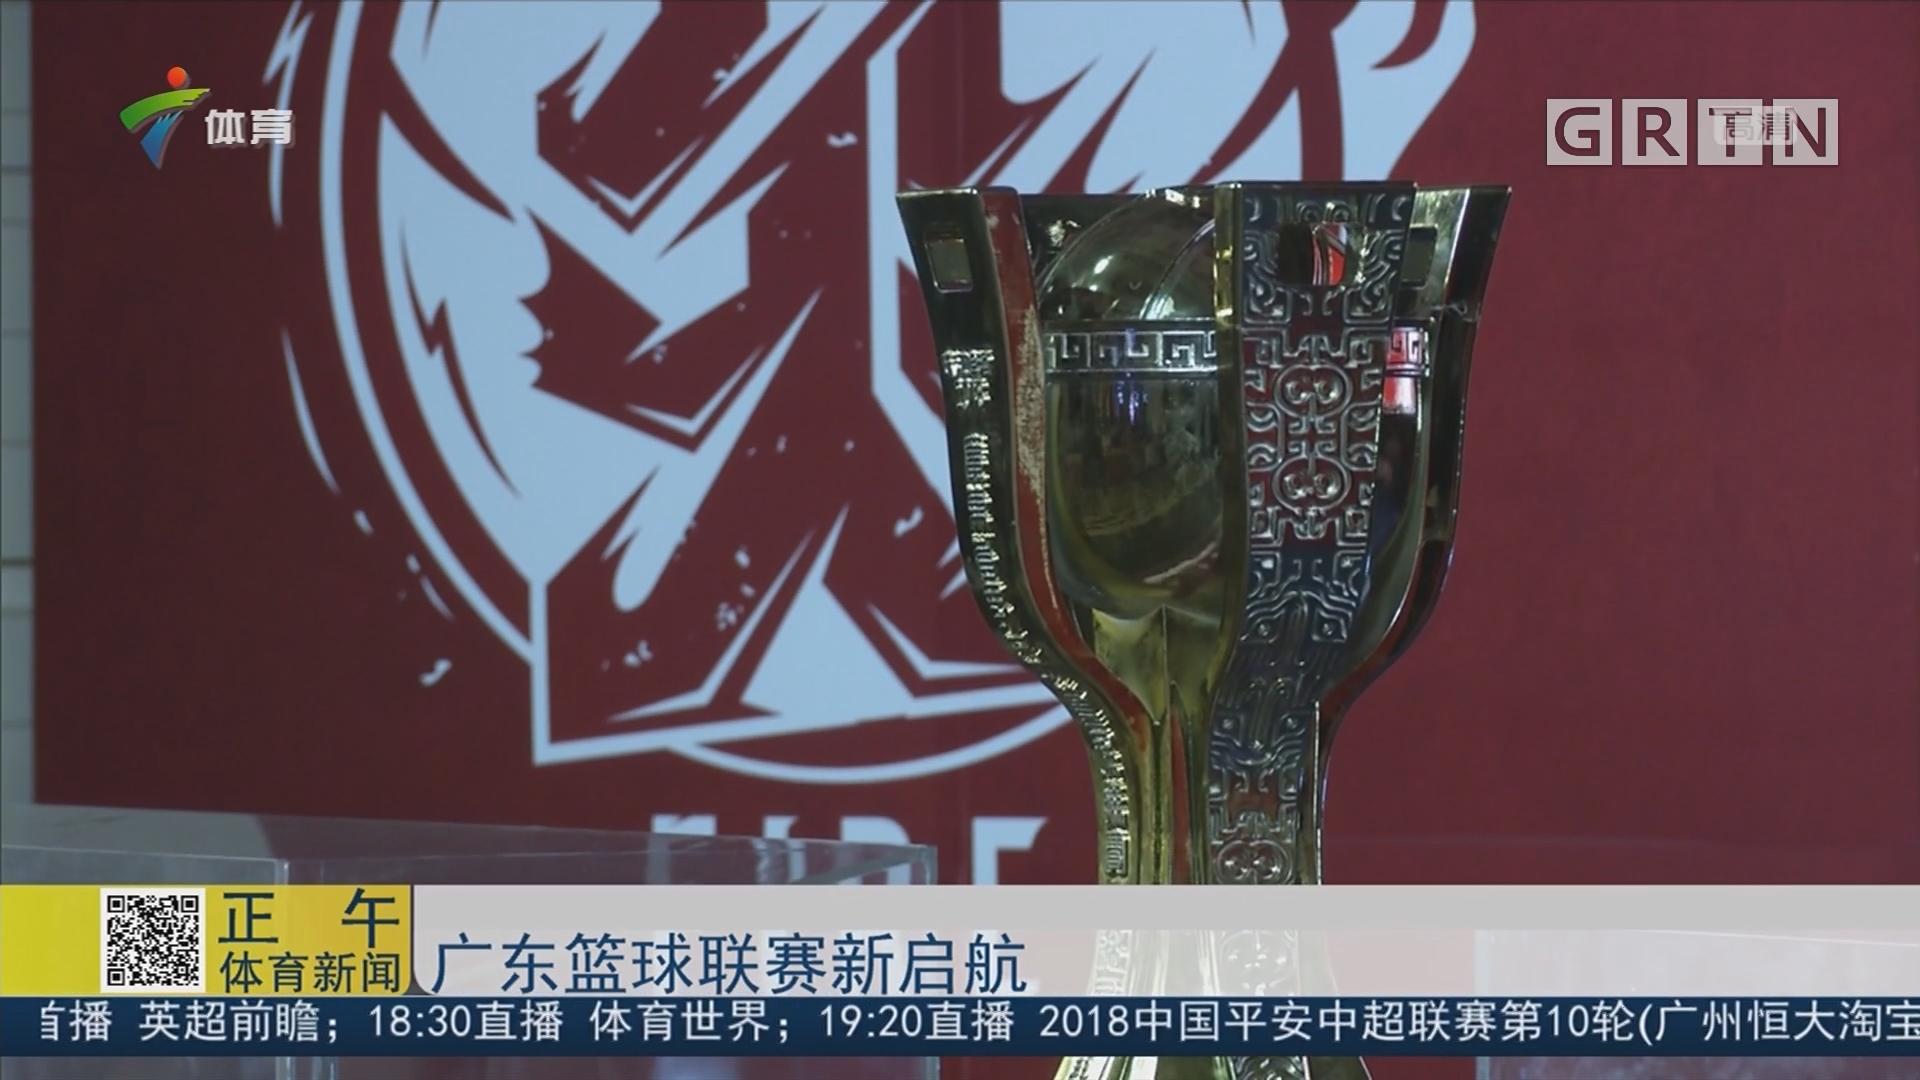 广东篮球联赛新起航